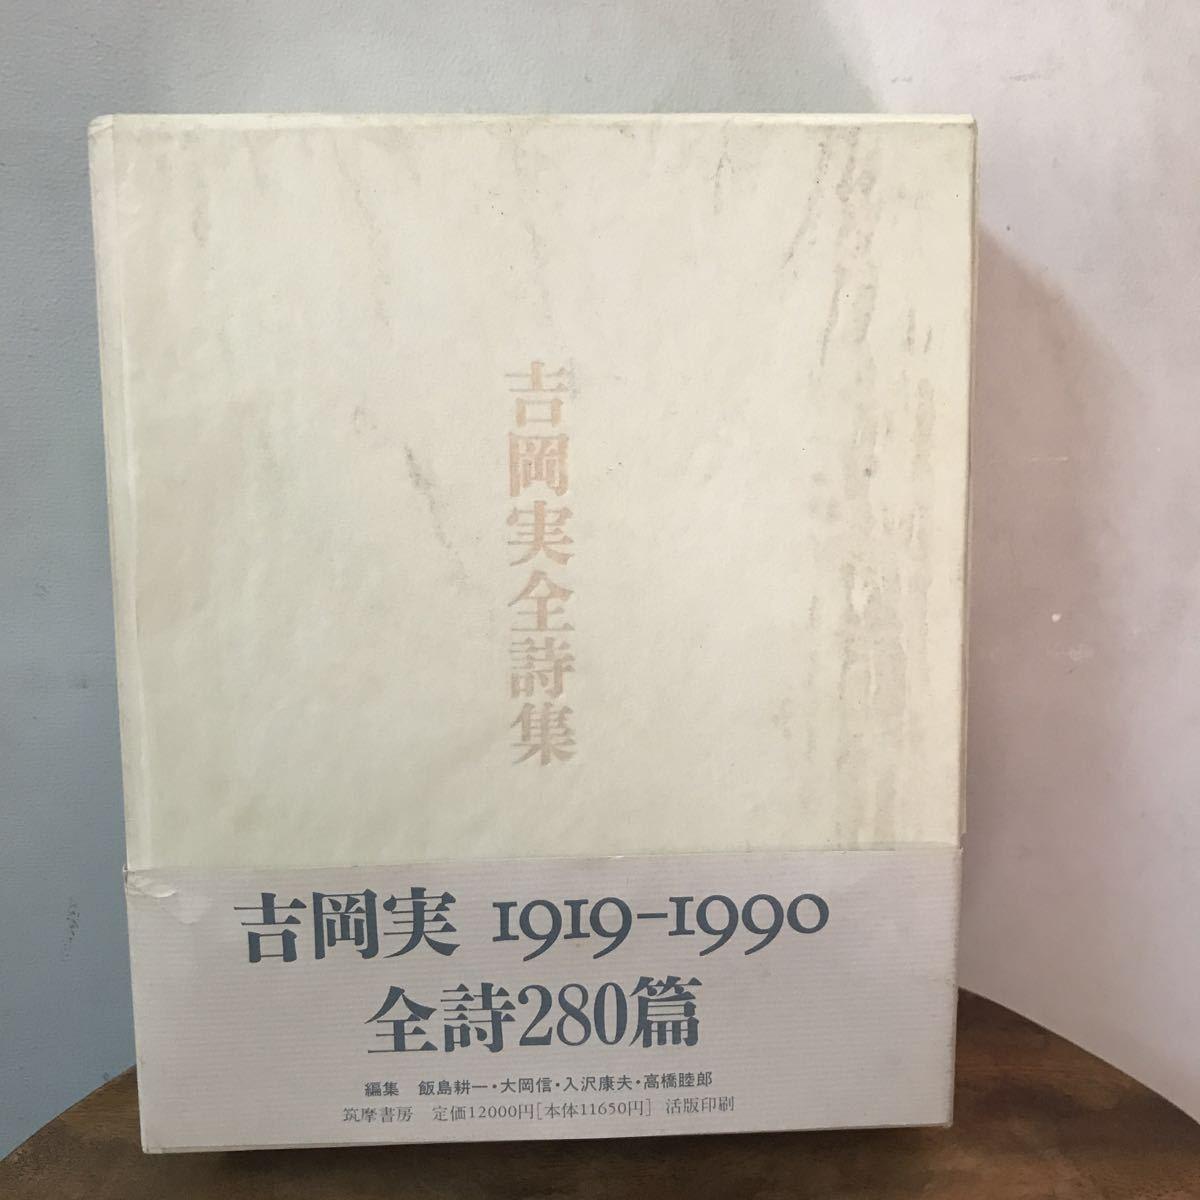 吉岡実全詩集 吉岡陽子謹呈署名入り 1996年初版 附録・帯付き 定価12,000円 送料無料